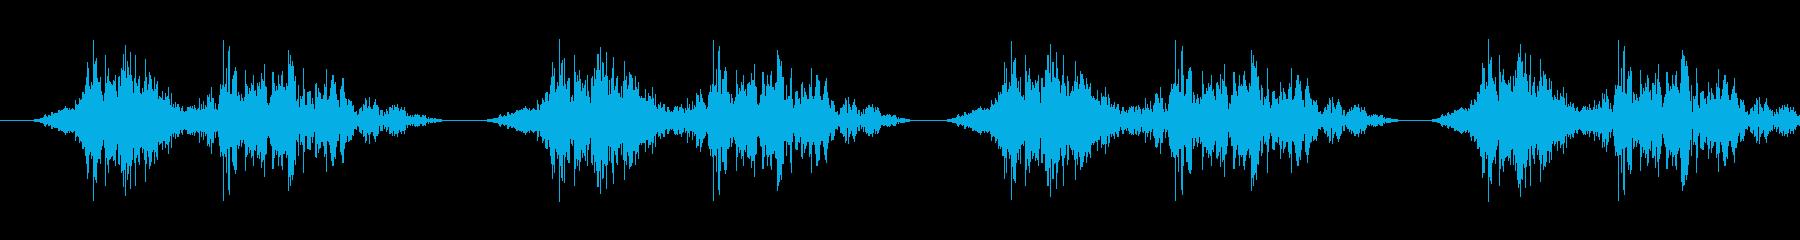 Huushuhuushi (polishing / animation tone)'s reproduced waveform